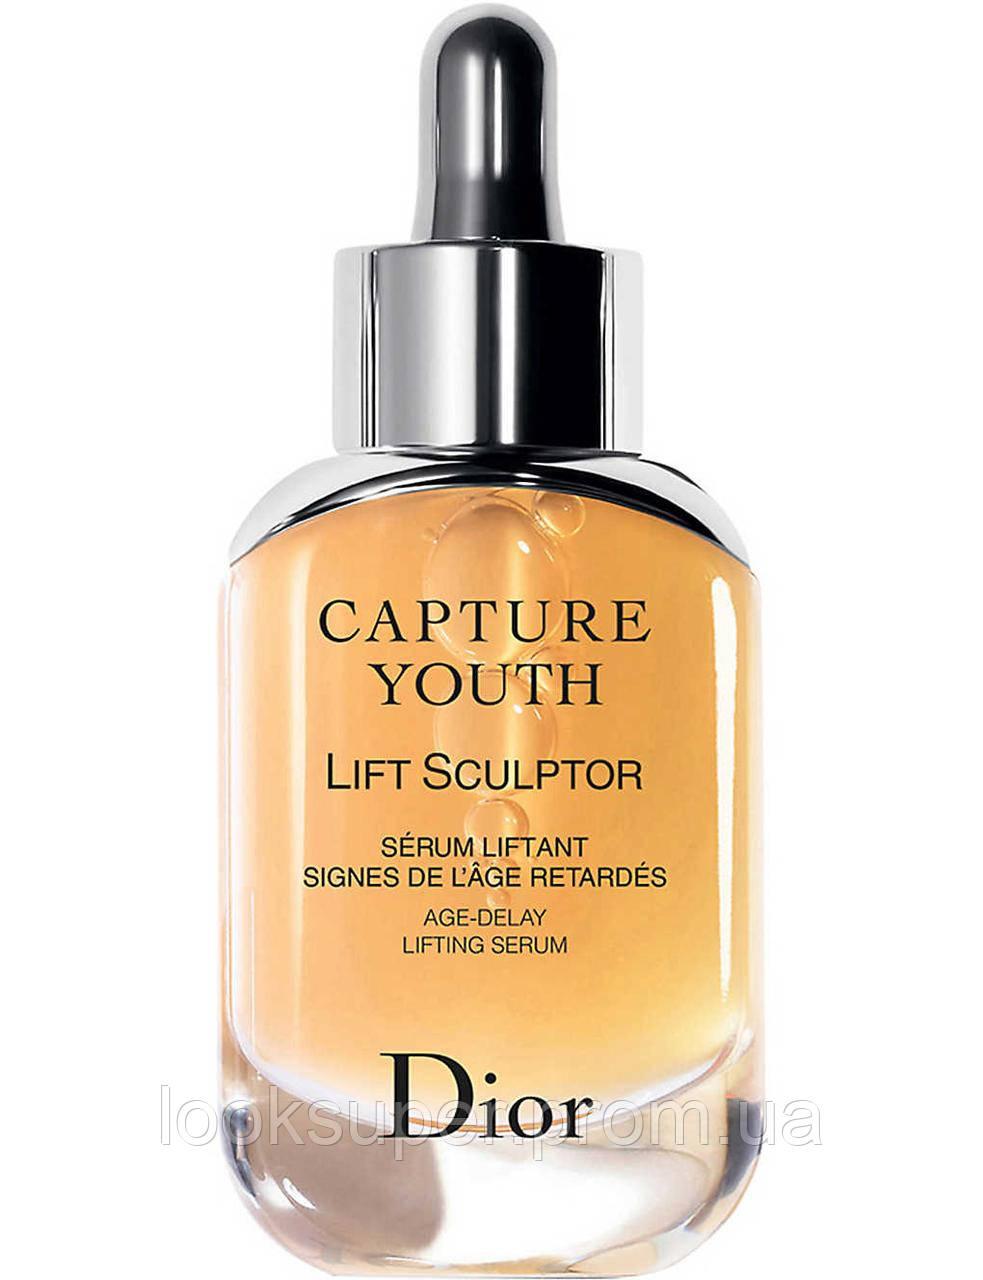 Сыворотка с лифтинг эффектом  DIOR Capture Youth Lift Sculptor Age-delay Lifting Serum (30ml)